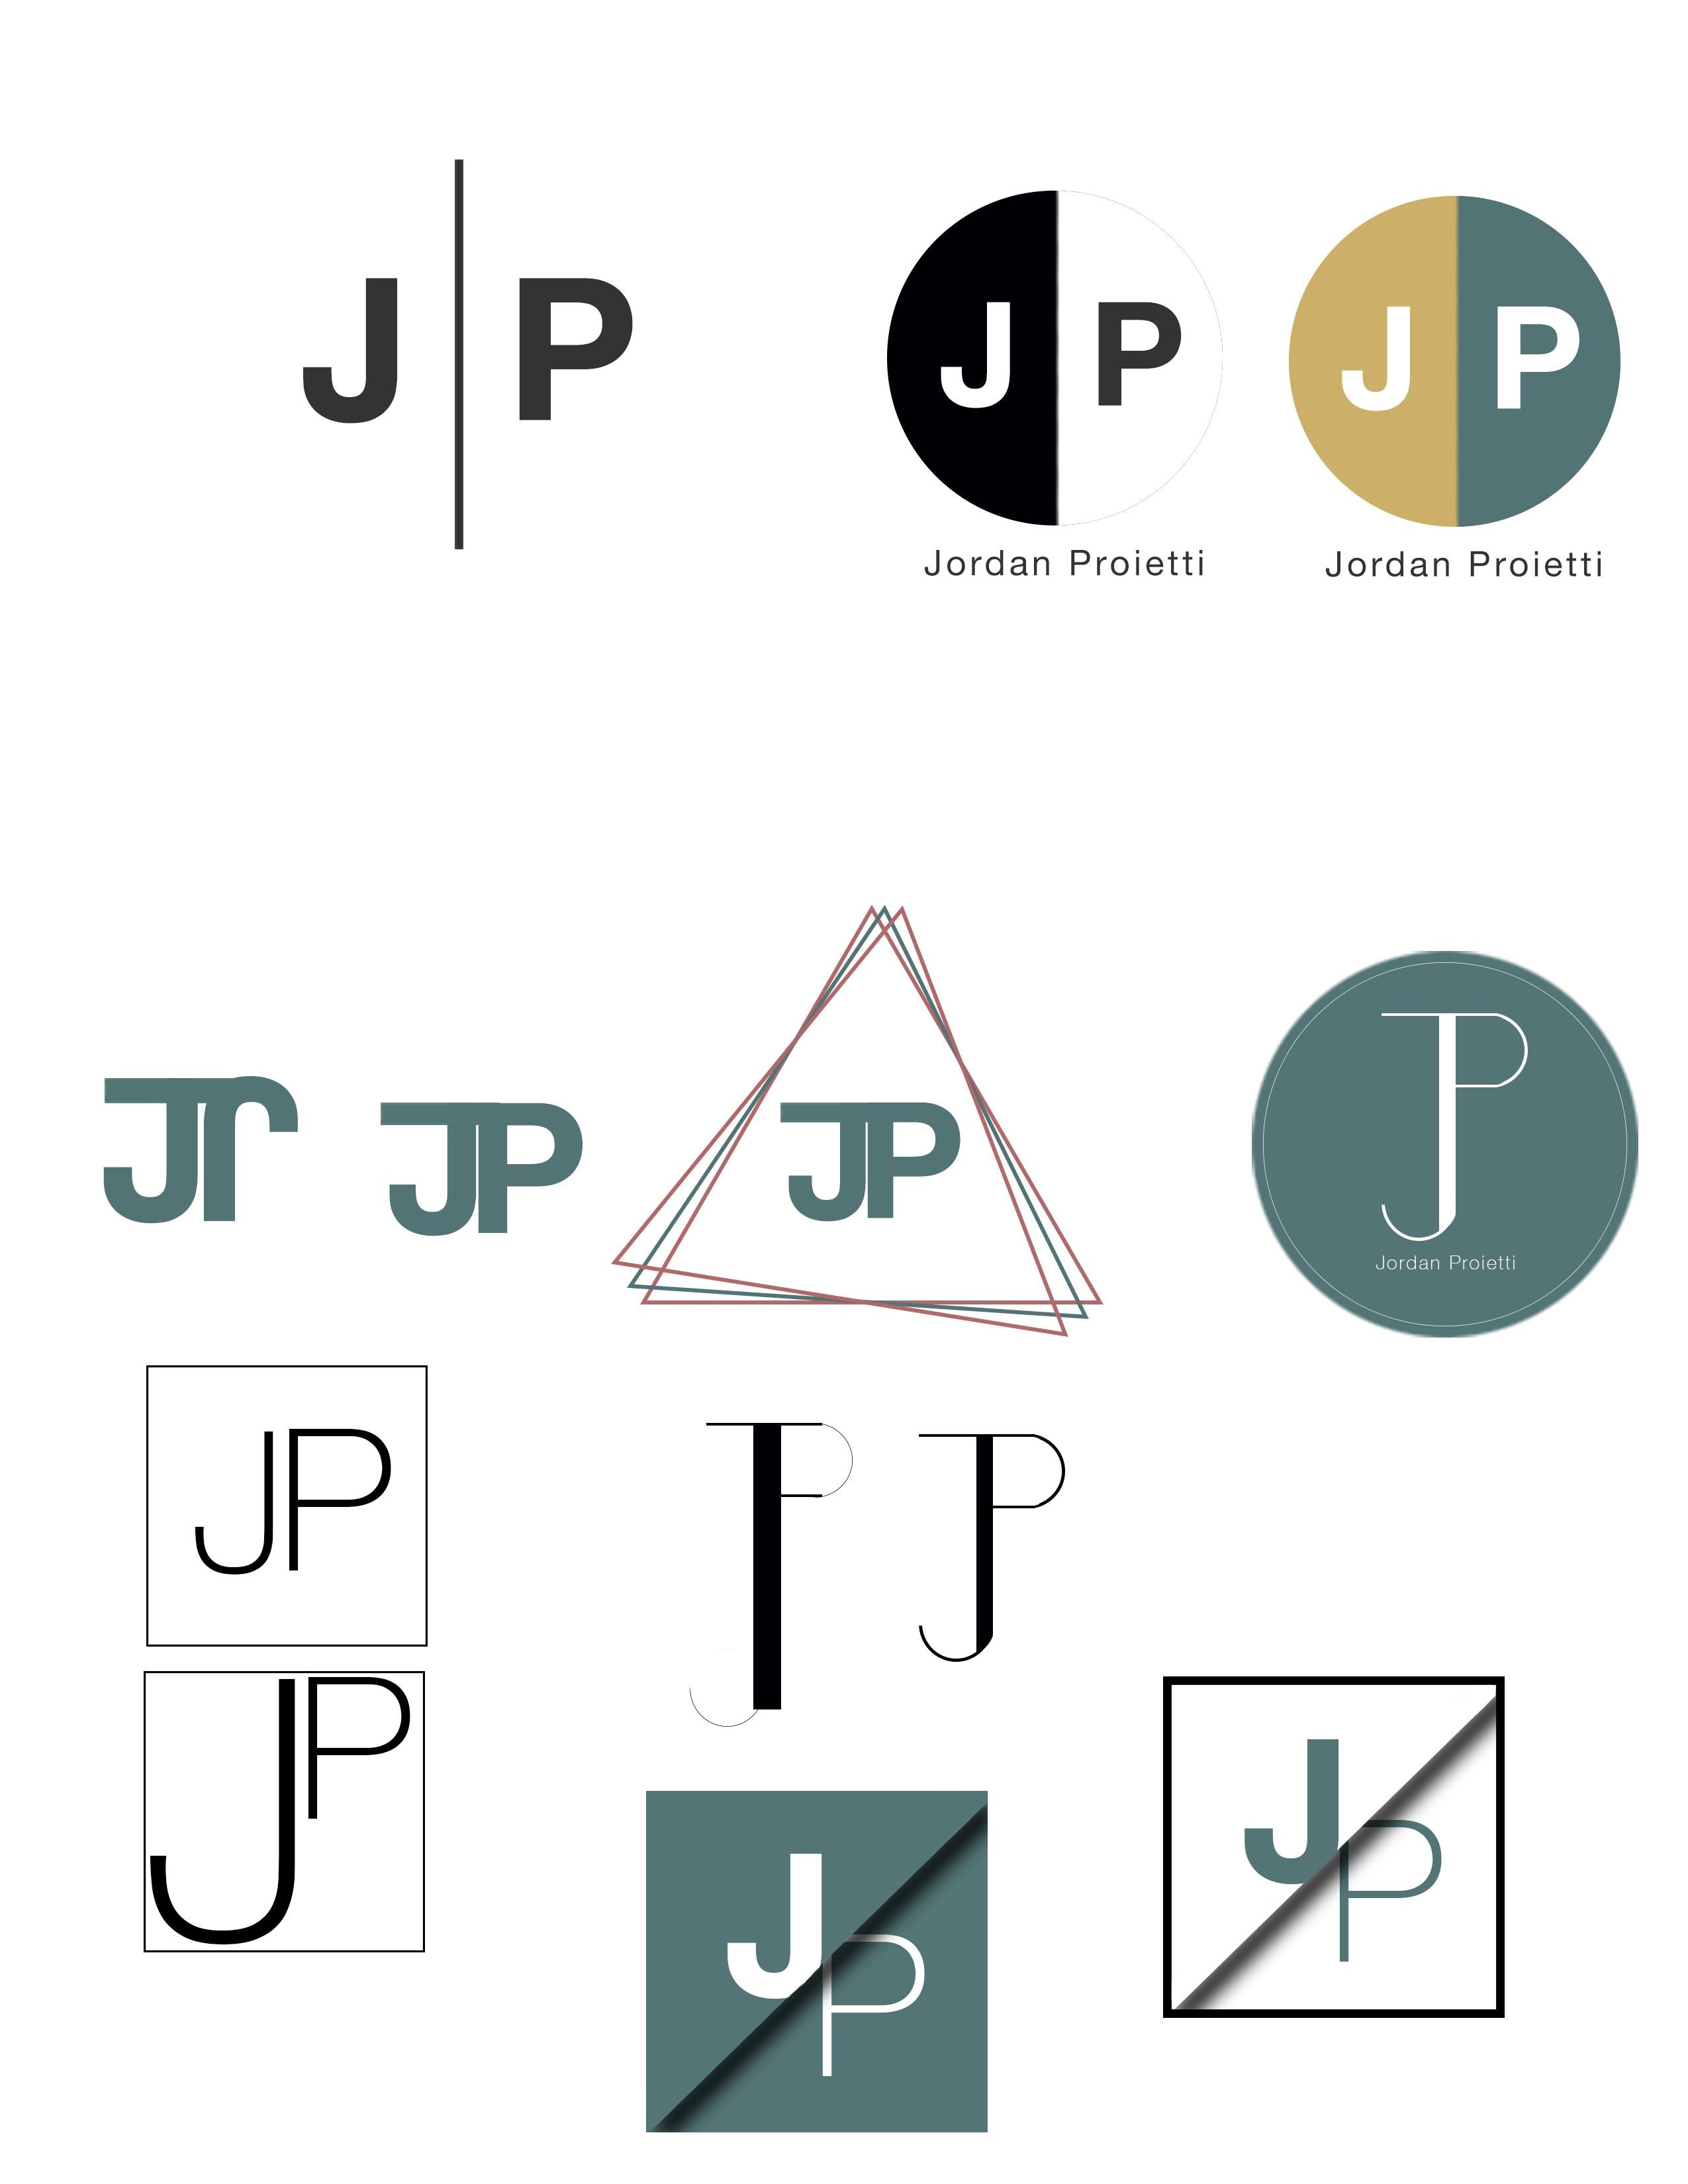 JordanProiettiLogoIdeas